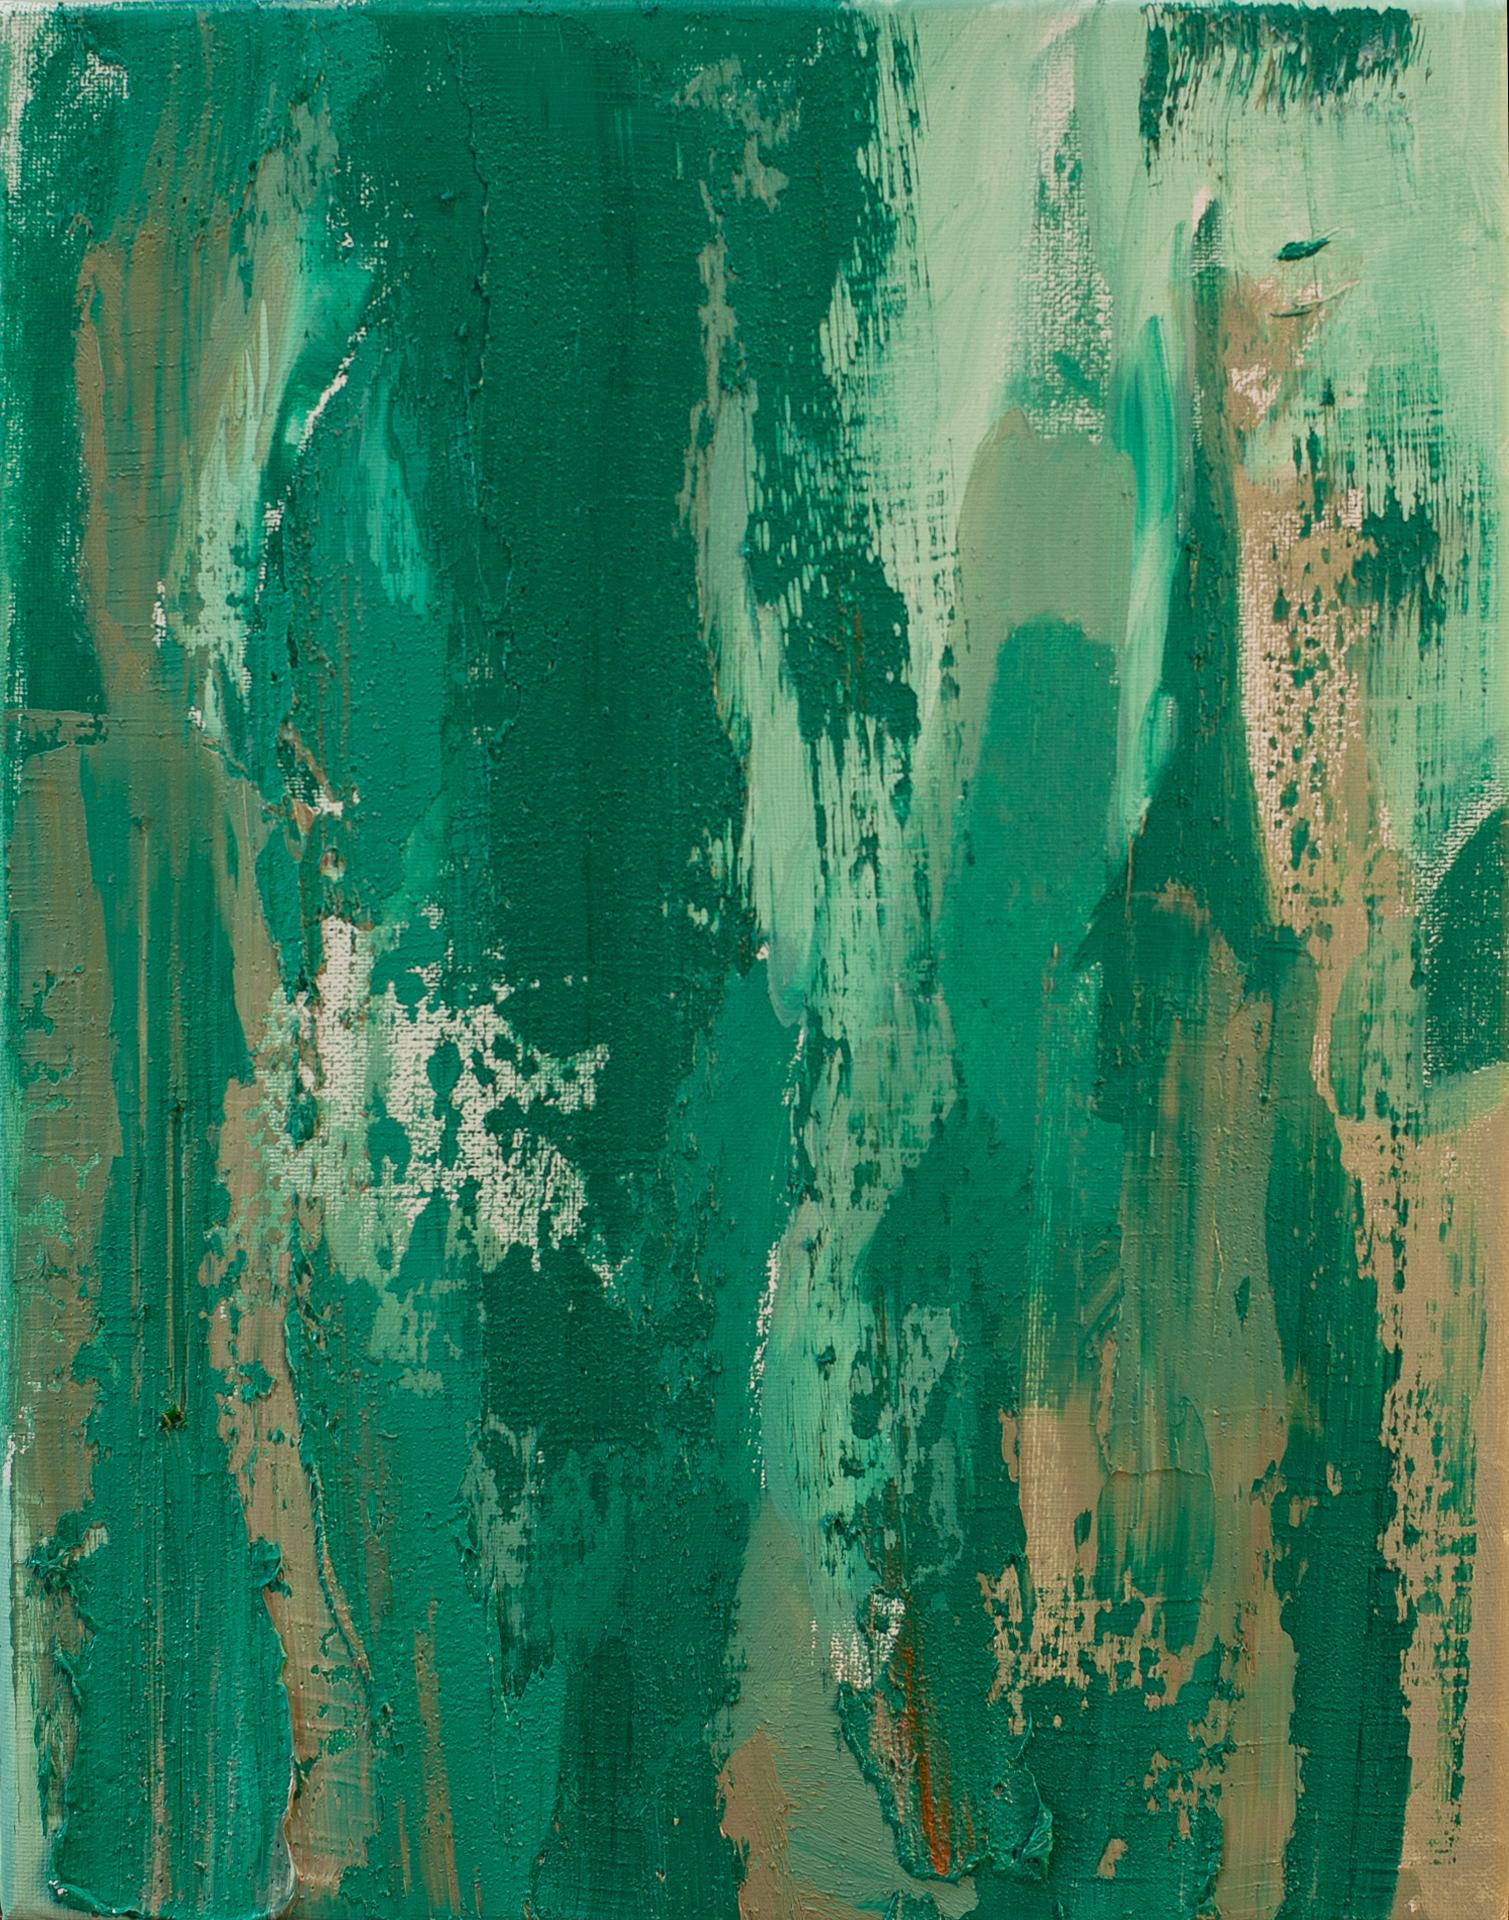 Green Trio #3